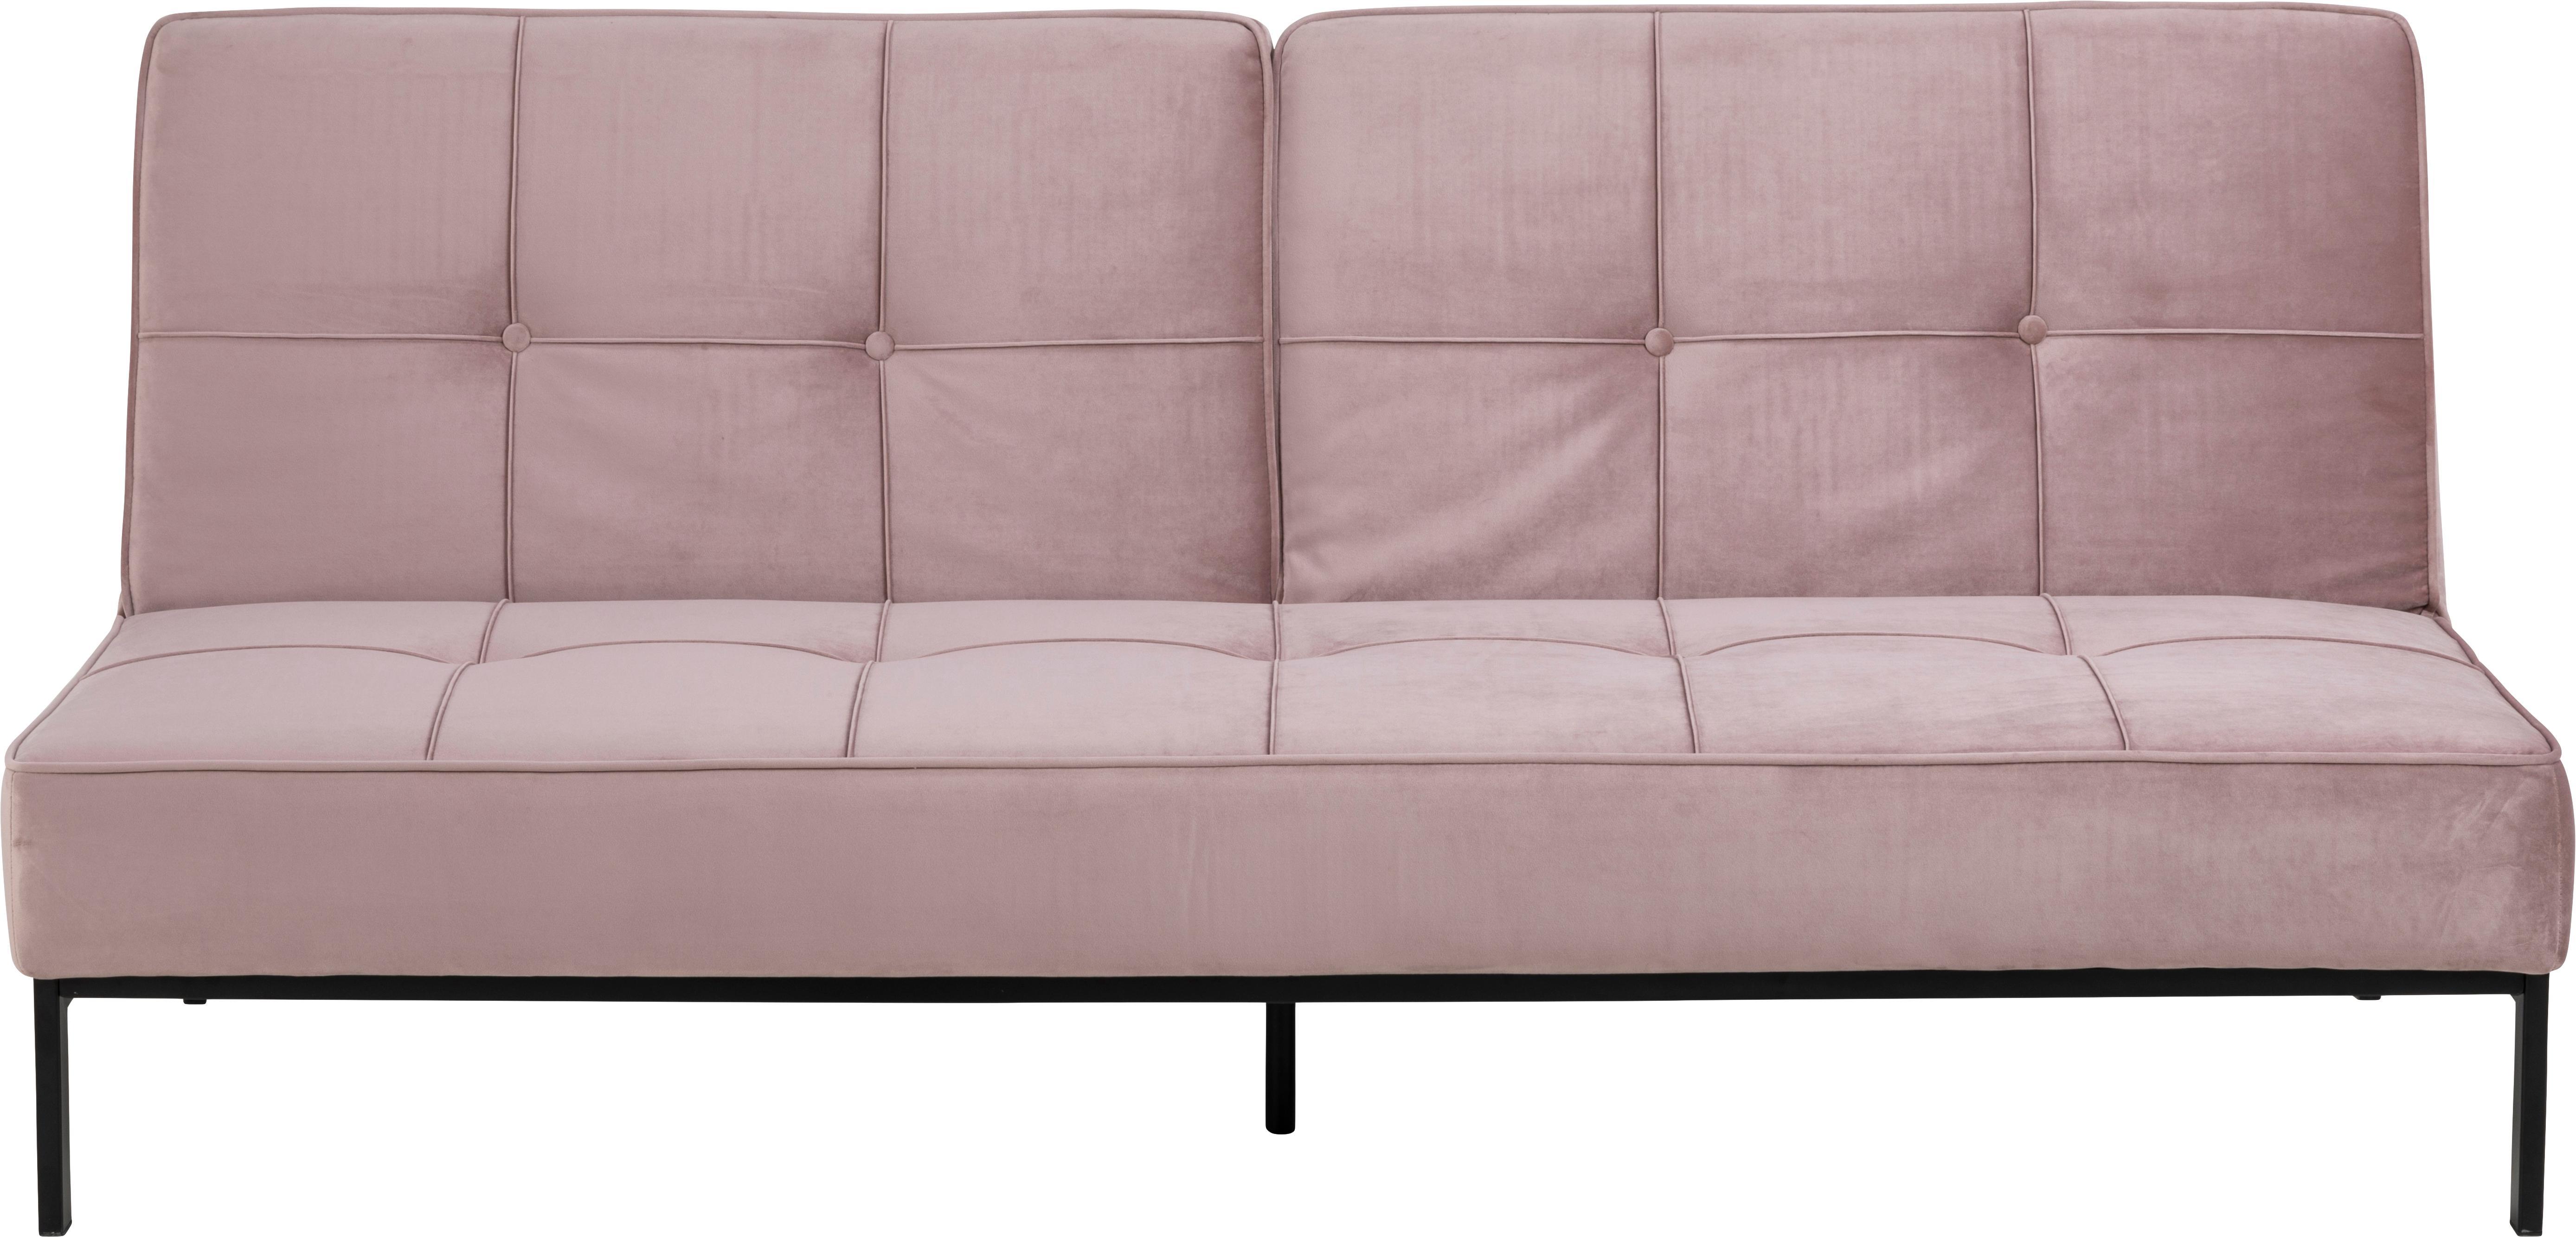 Sofá cama de terciopelo Perugia, Tapizado: terciopelo de poliéster 2, Patas: metal, pintado, Terciopelo rosa, An 198 x F 95 cm